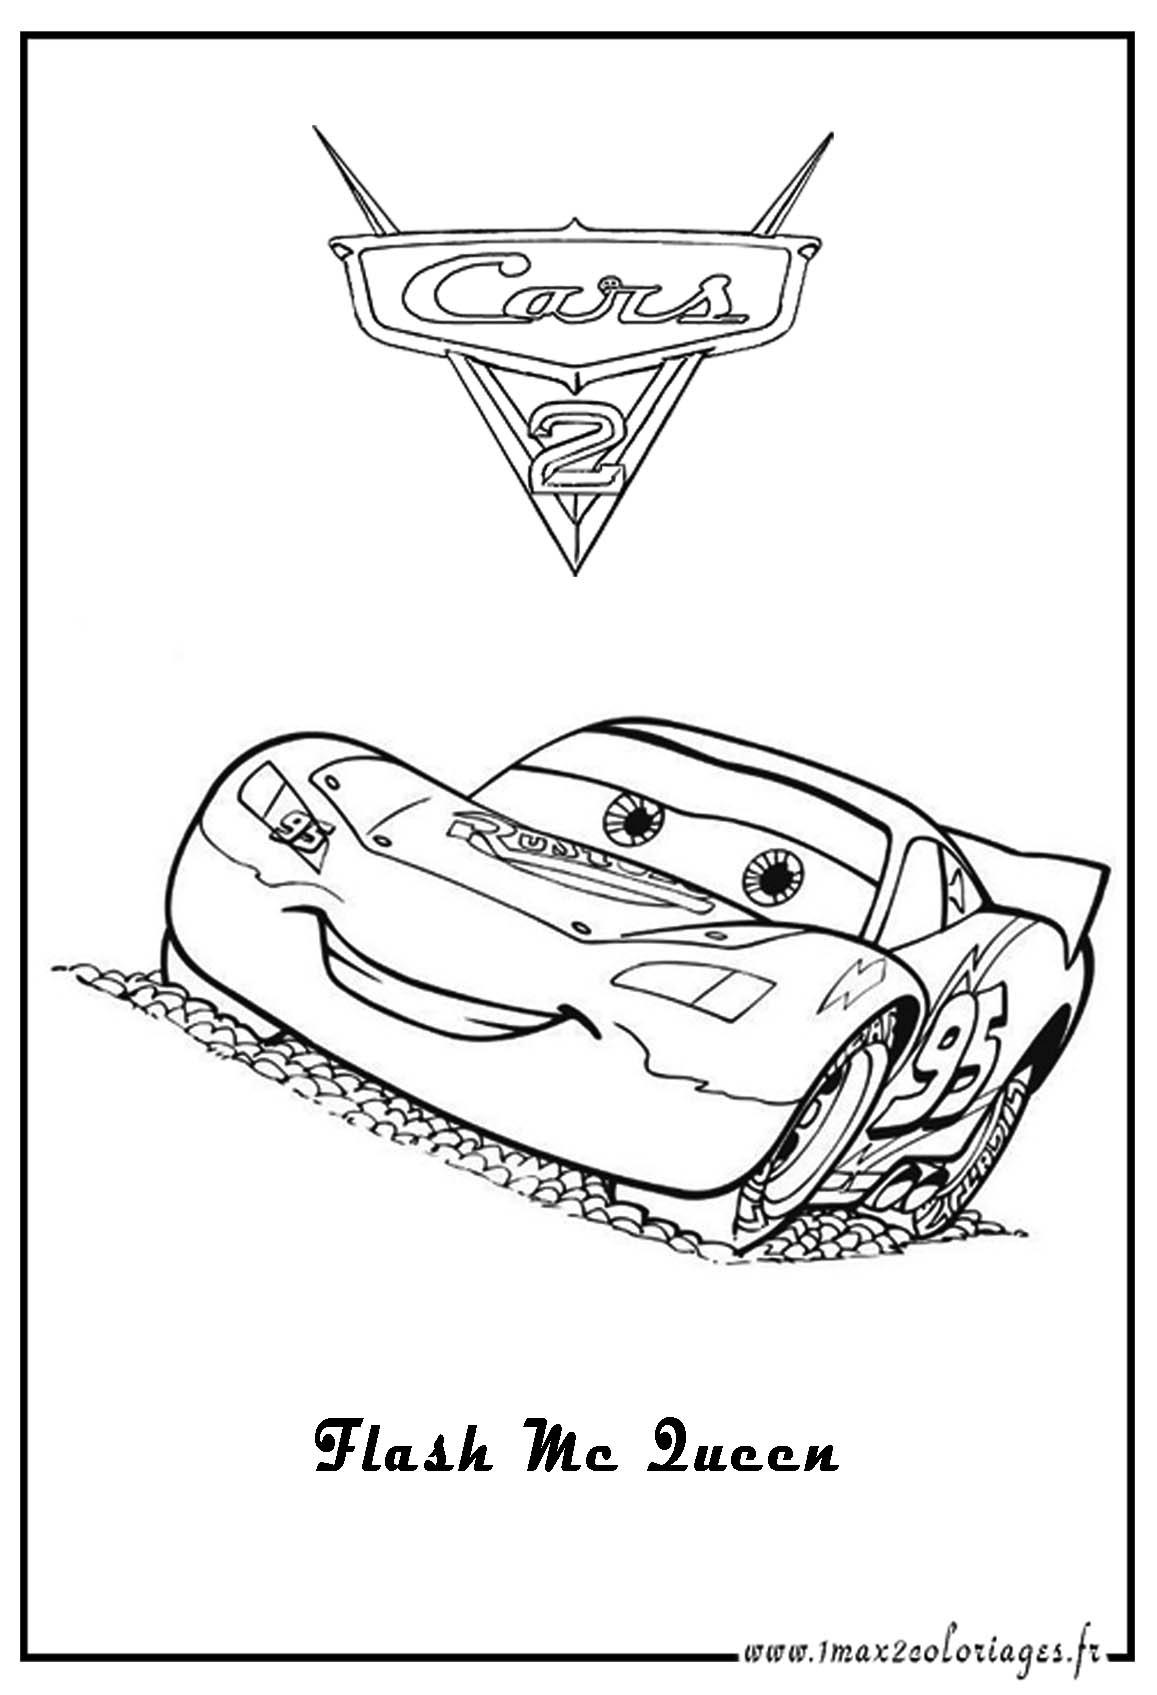 Dessins Gratuits À Colorier - Coloriage Cars Flash Mcqueen À serapportantà Dessin A Imprimer Gratuit Cars